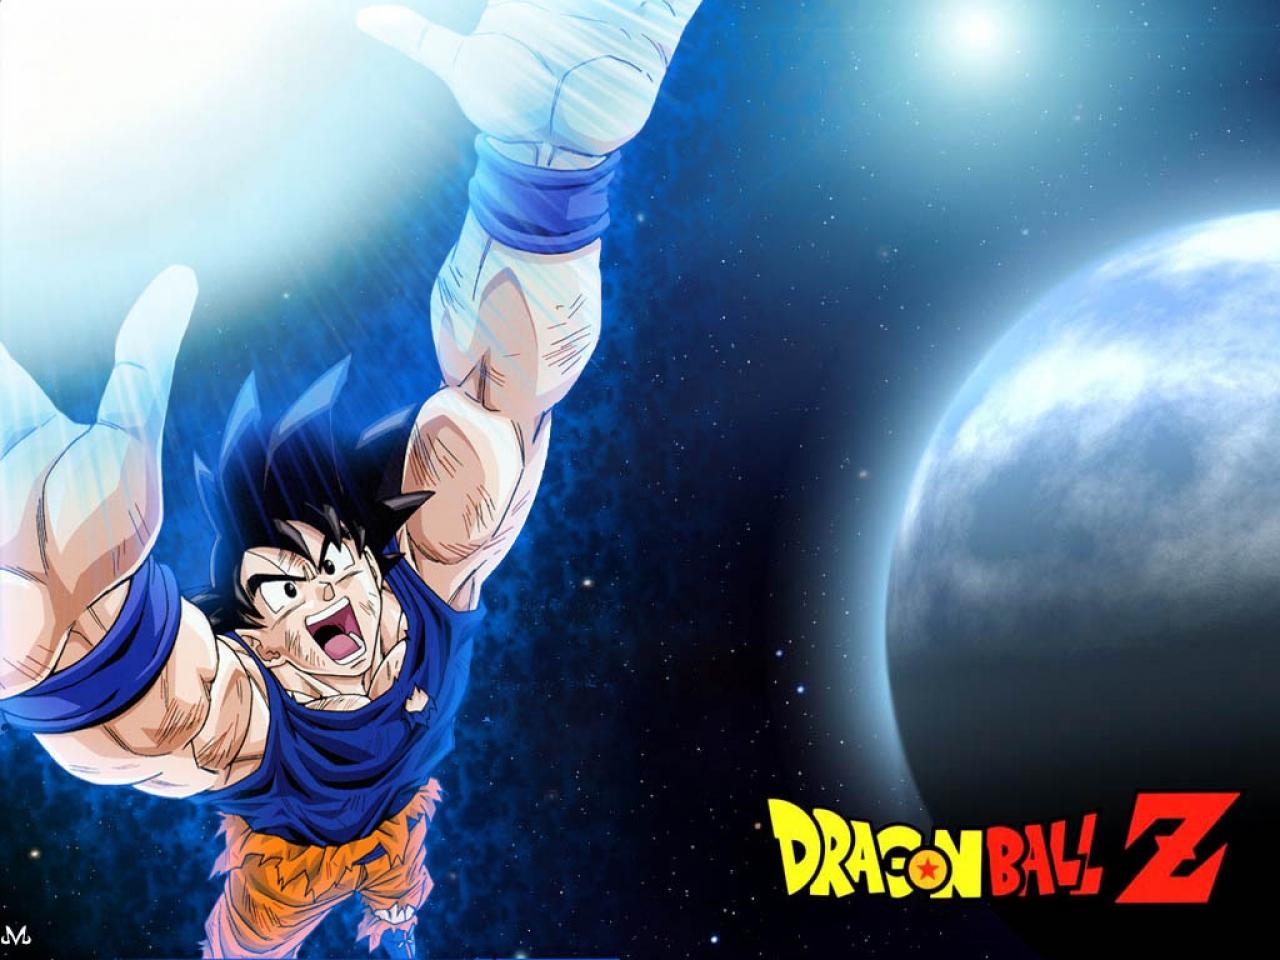 Las mejores imagenes de Dragon Ball Z HD